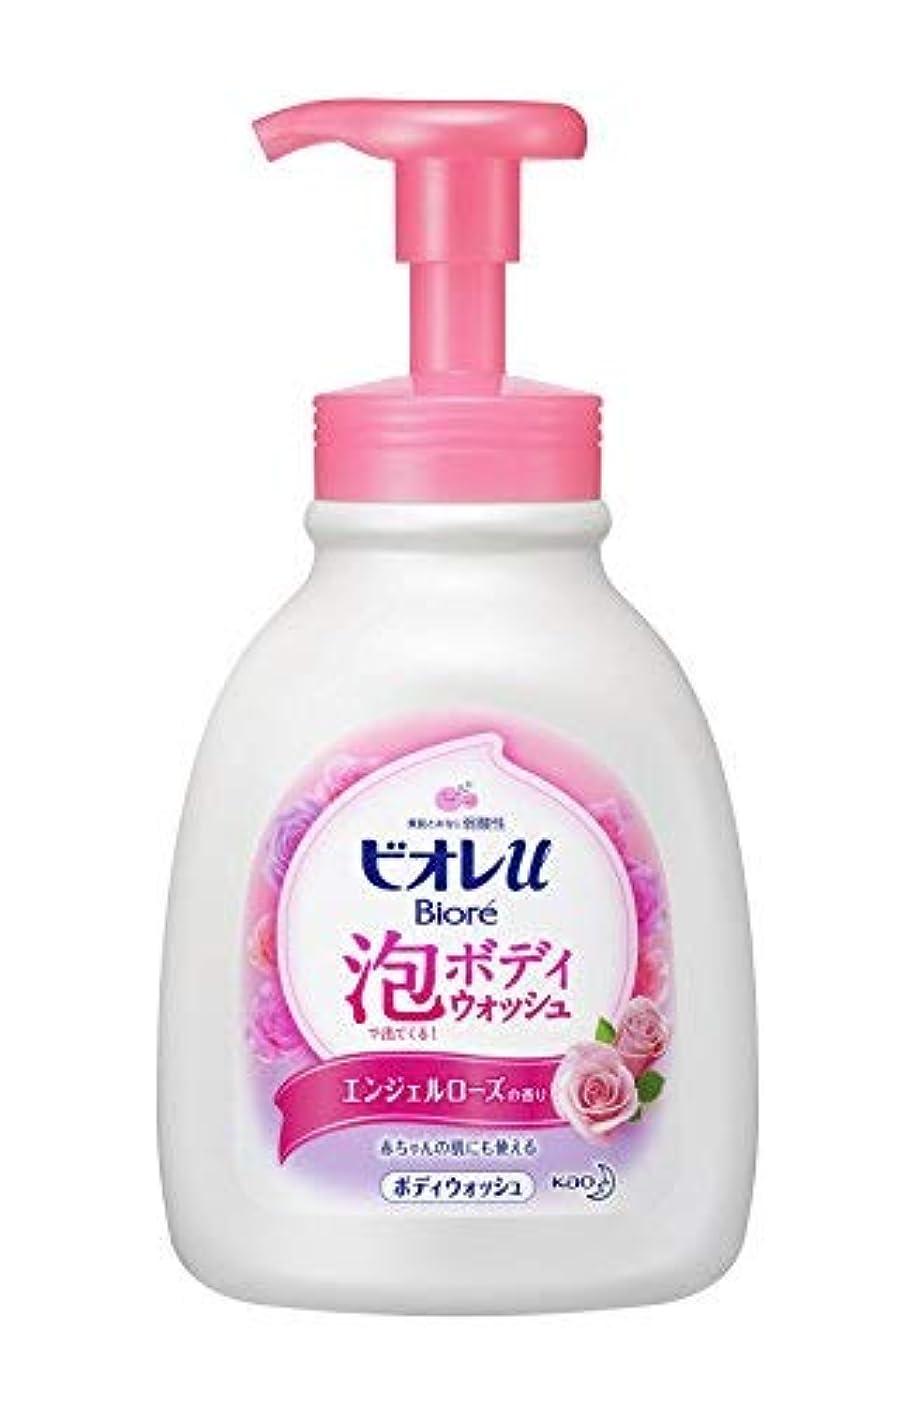 インシデント理論シーボード花王 ビオレu 泡で出てくるボディウォッシュ エンジェルローズの香り ポンプ 600ml × 6個セット